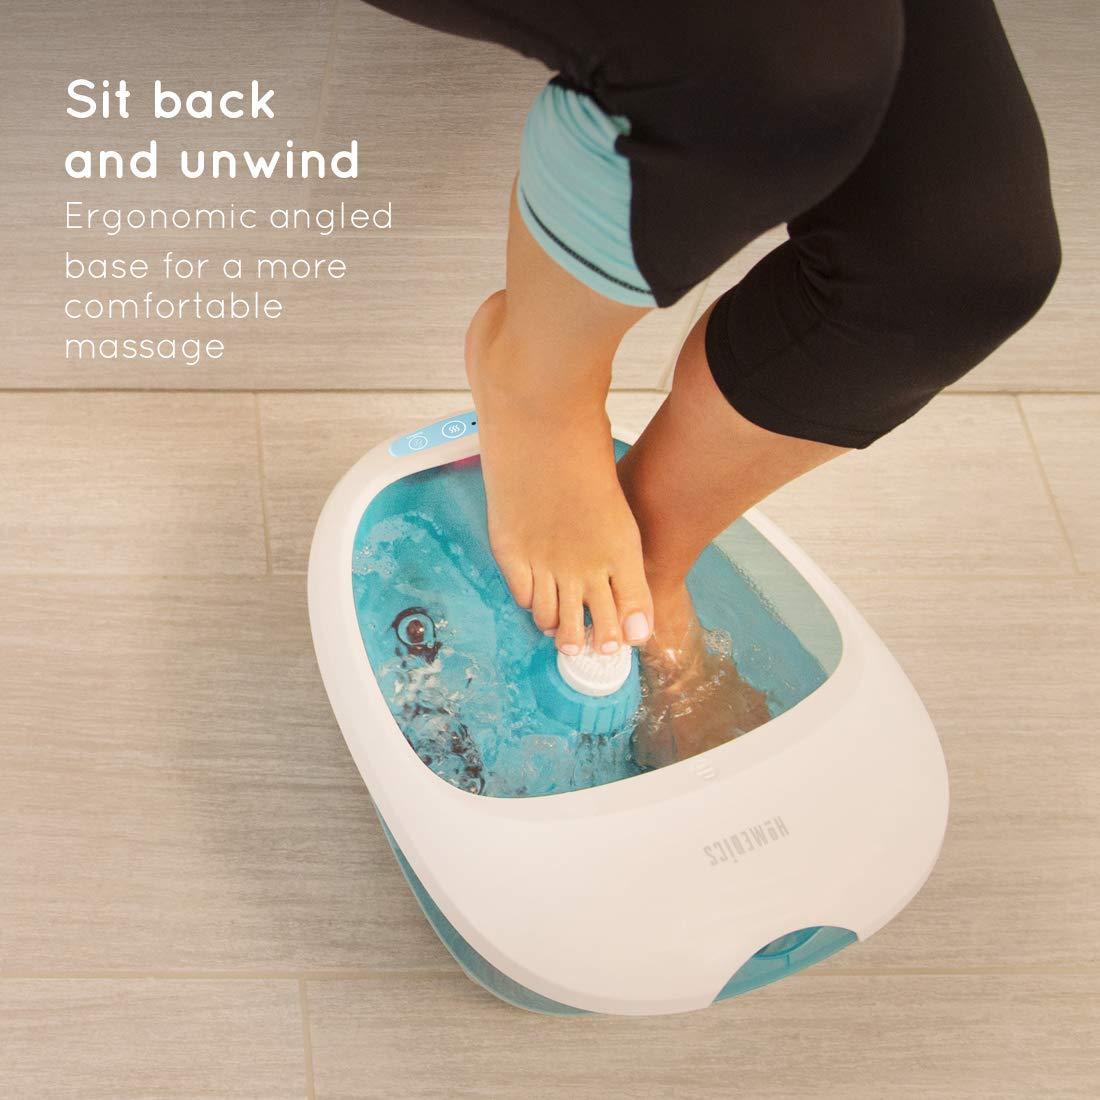 Homedics FS250 Bañera de hidromasaje, Mantener la temperatura y calentar el agua, Magnetoterapia: Amazon.es: Salud y cuidado personal